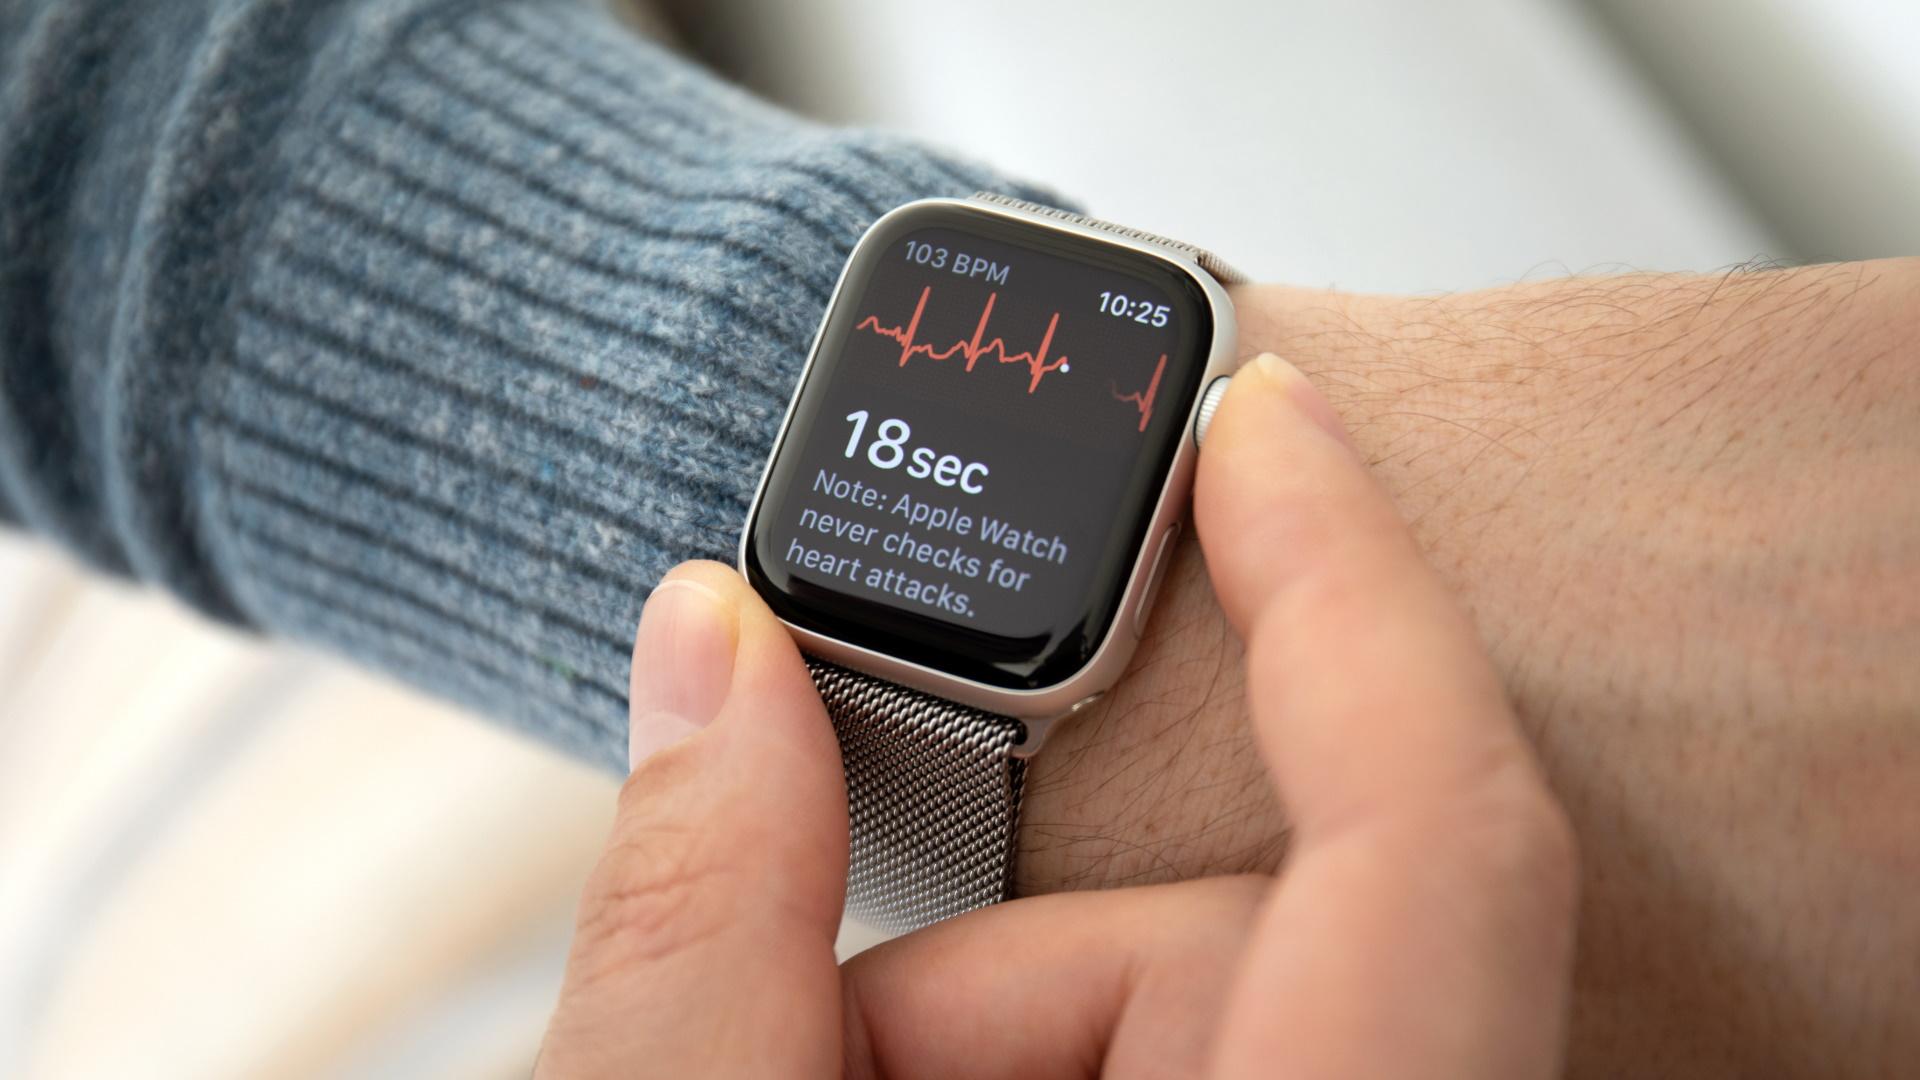 Vignette de la formation : Apprendre à lire un ECG avec une montre connectée